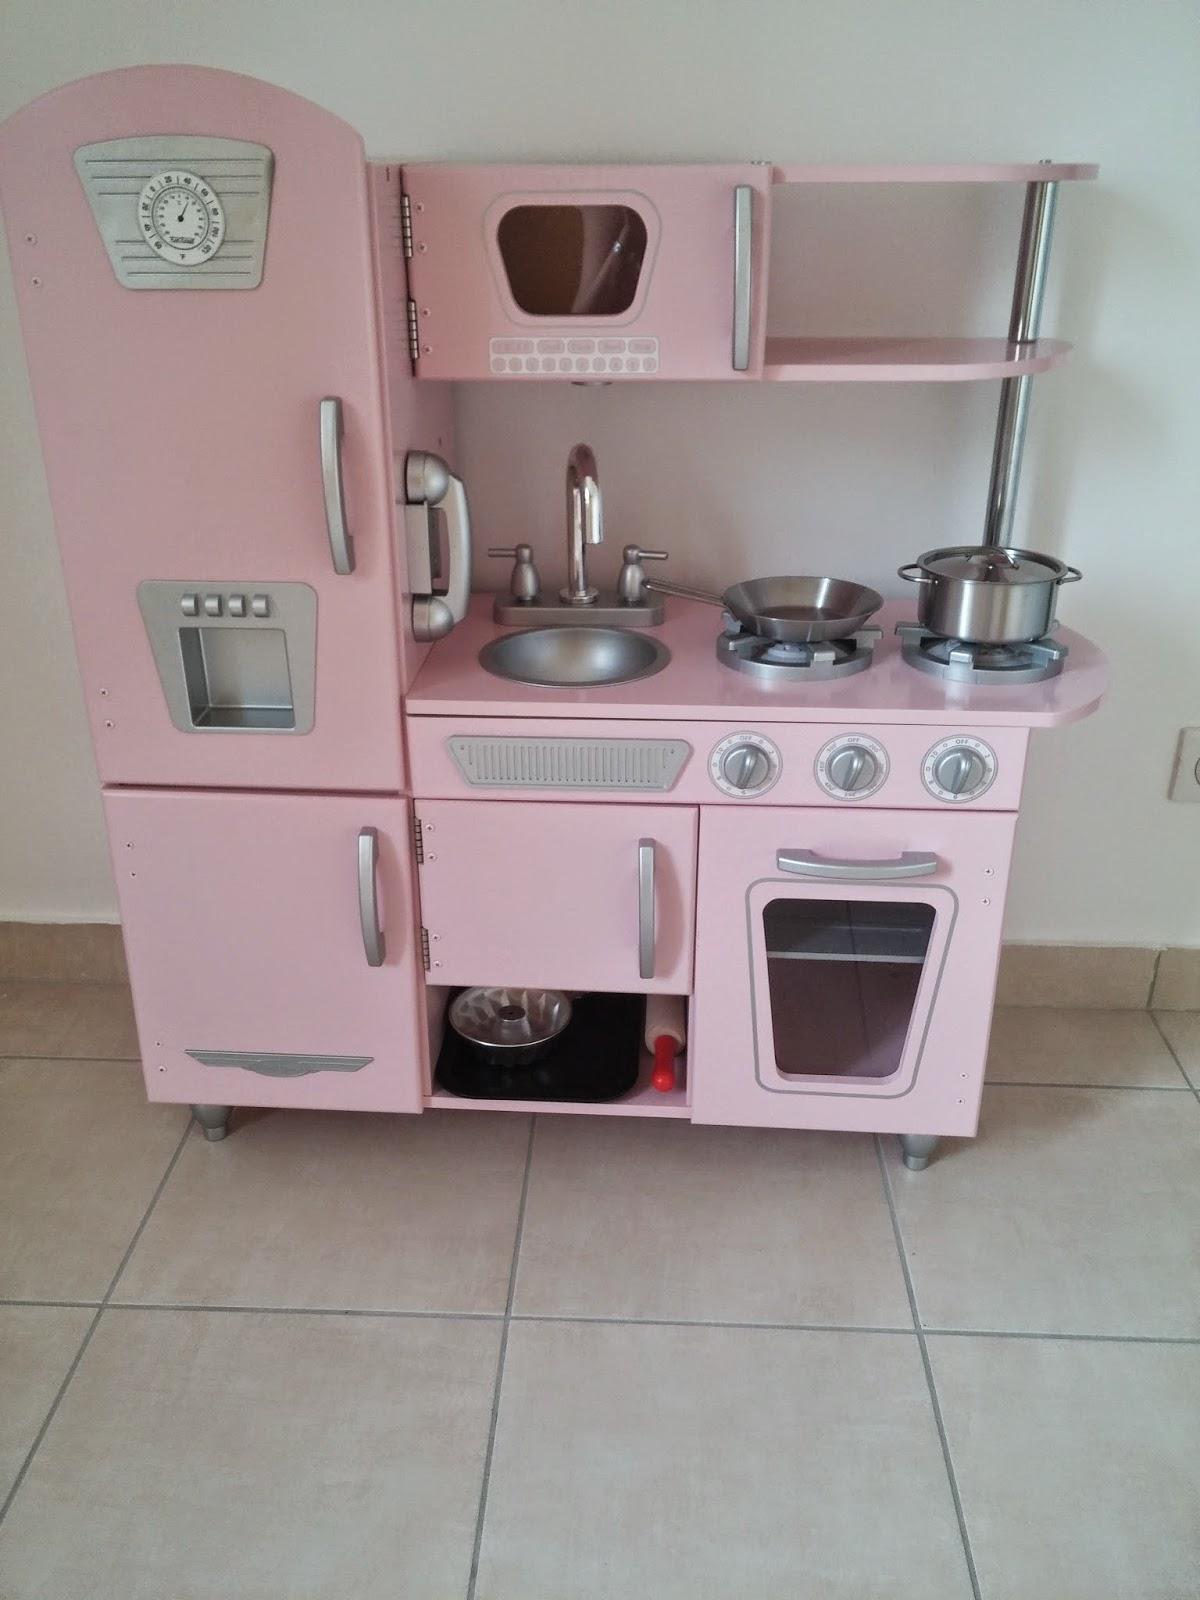 cuisine kidcraft milune la vie d 39 une nounou. Black Bedroom Furniture Sets. Home Design Ideas